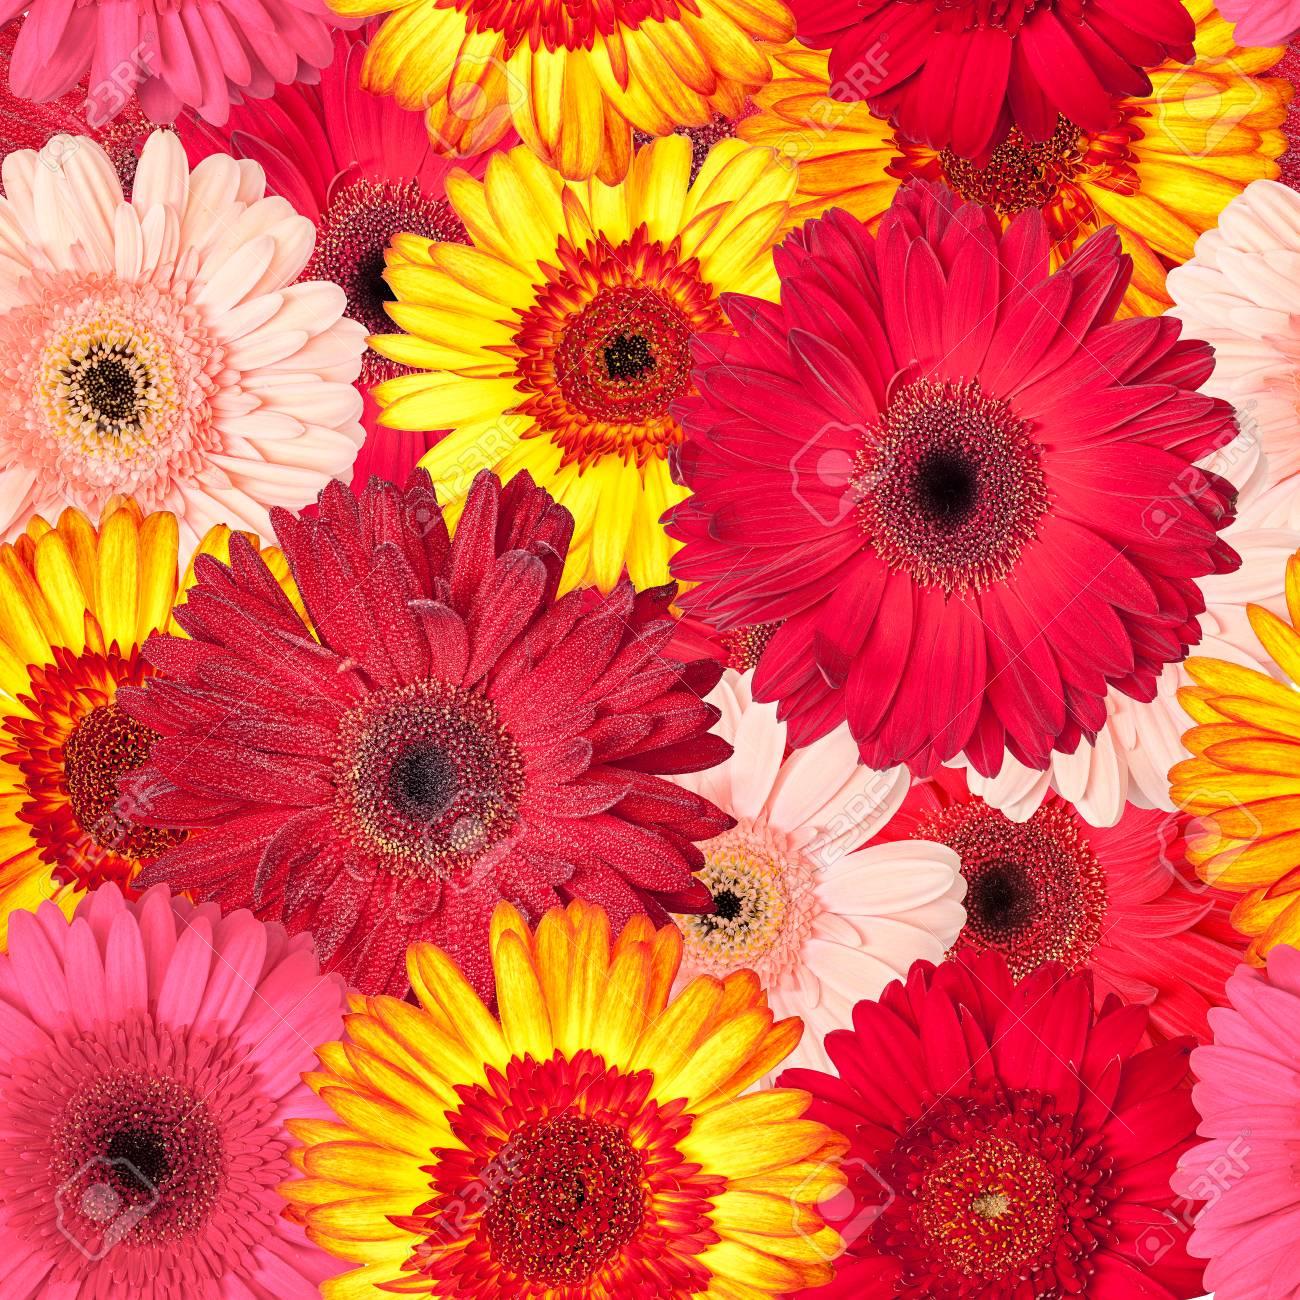 鮮やかなガーベラ 壁紙からのシームレスなパターン の写真素材 画像